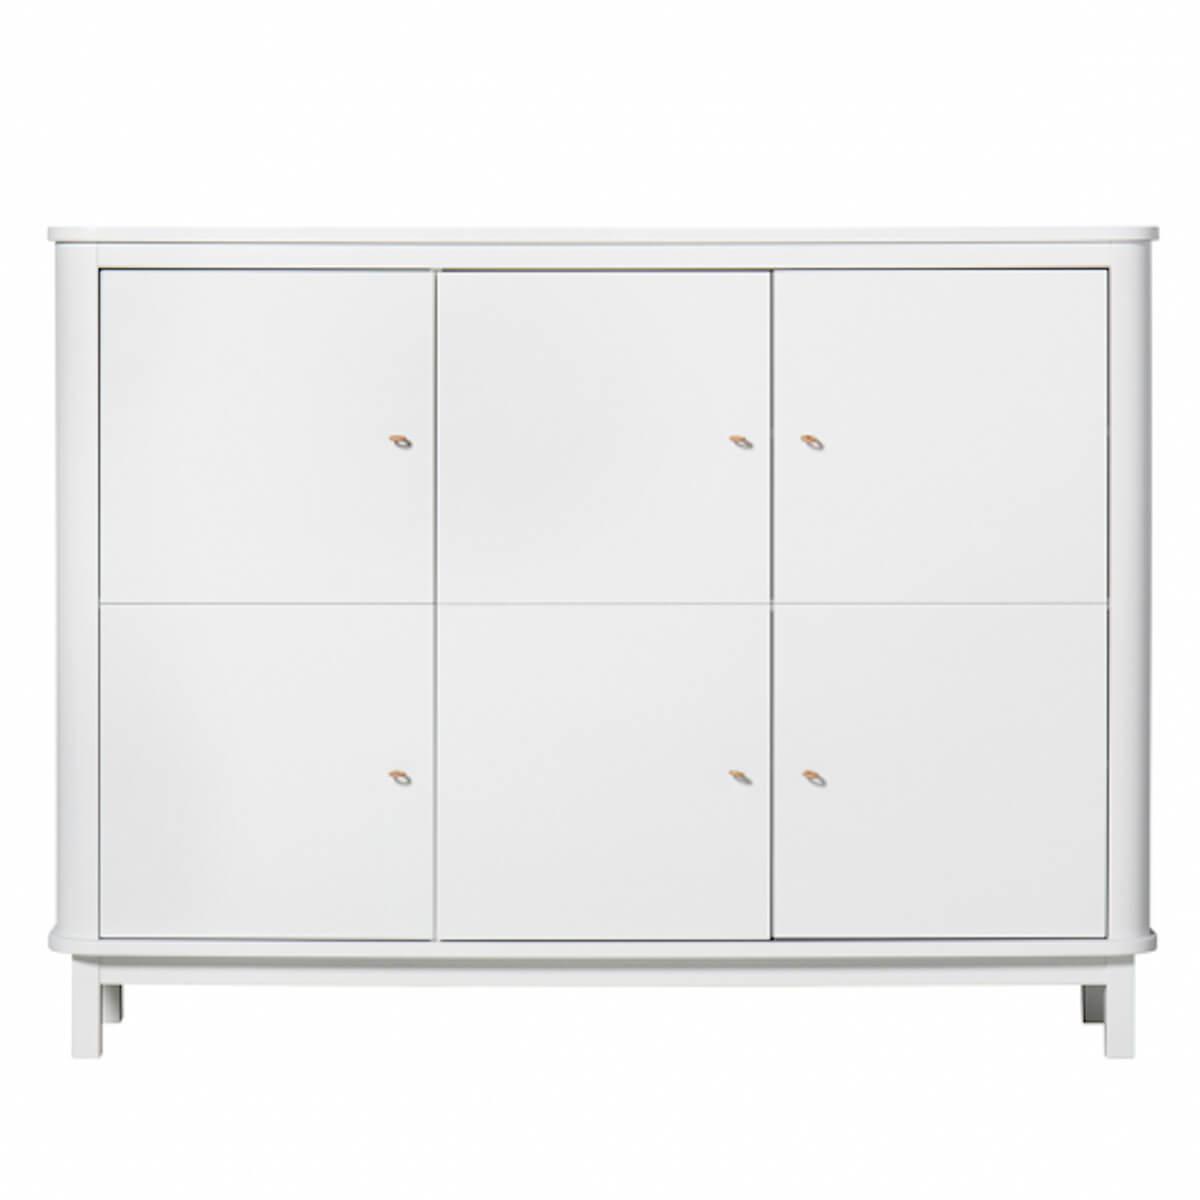 Armario bajo 3 puertas WOOD Oliver Furniture blanco